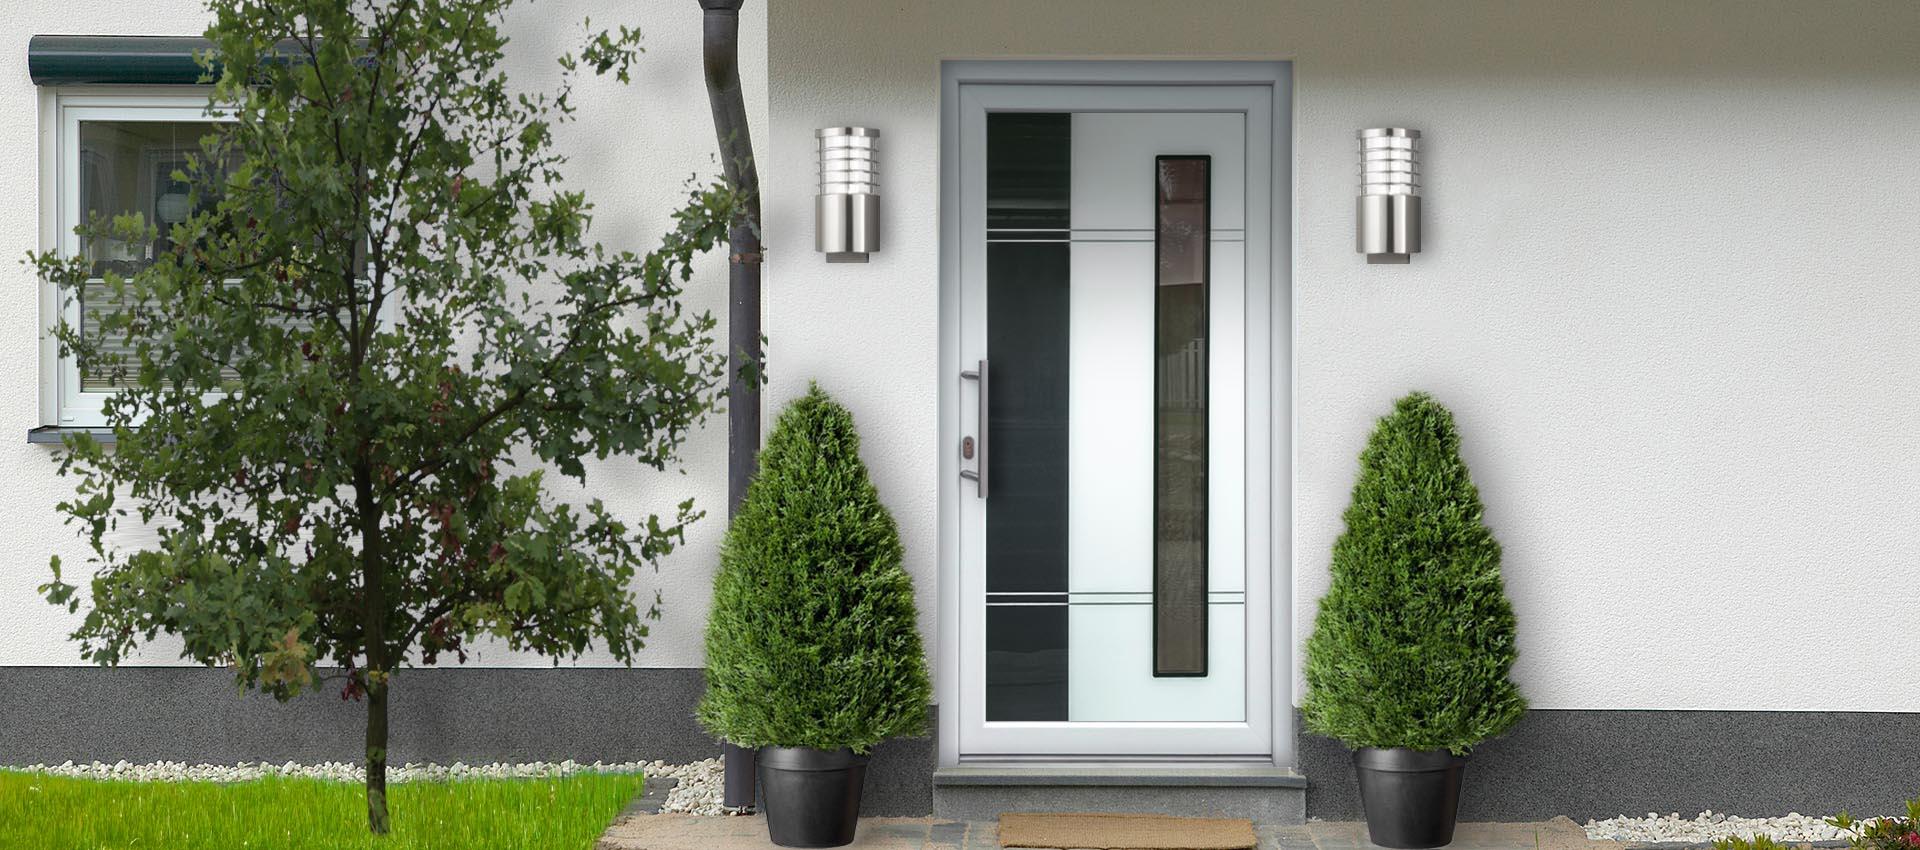 Sklo-hliníková dverná výplň Evolution EV-955. Možnosť vyhotovenia ako kompletné hliníkové vchodové dvere na mieru.